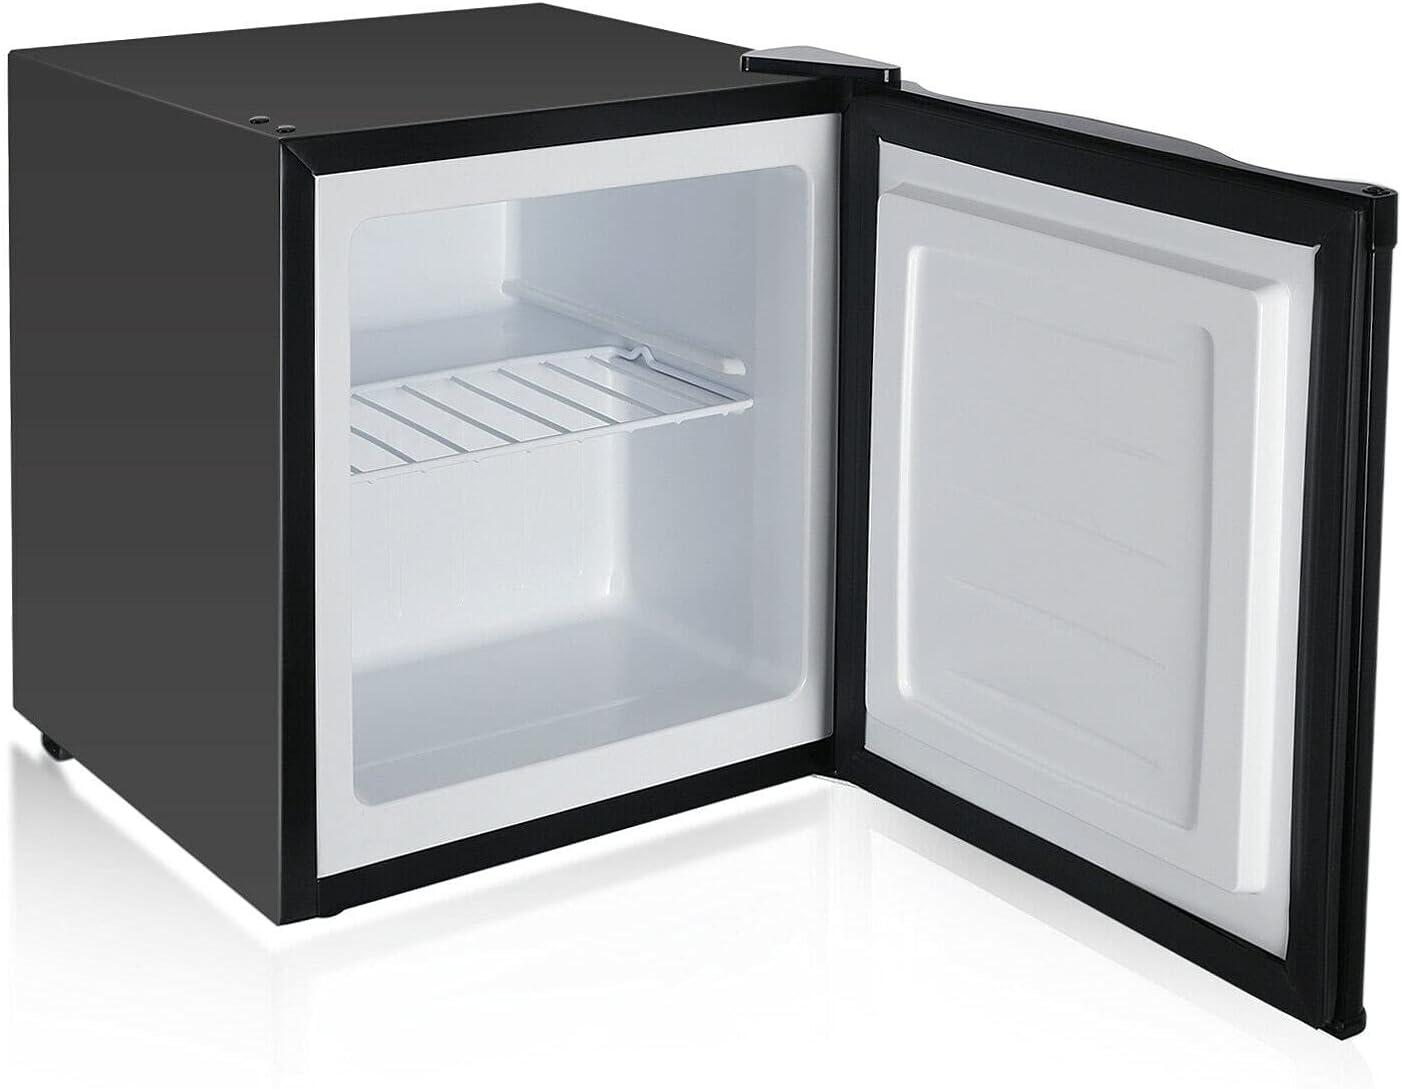 HUIJK Mini Fridge with Freezer Small Refrigerator 1.1 CU FT Reversible Door Bedroom